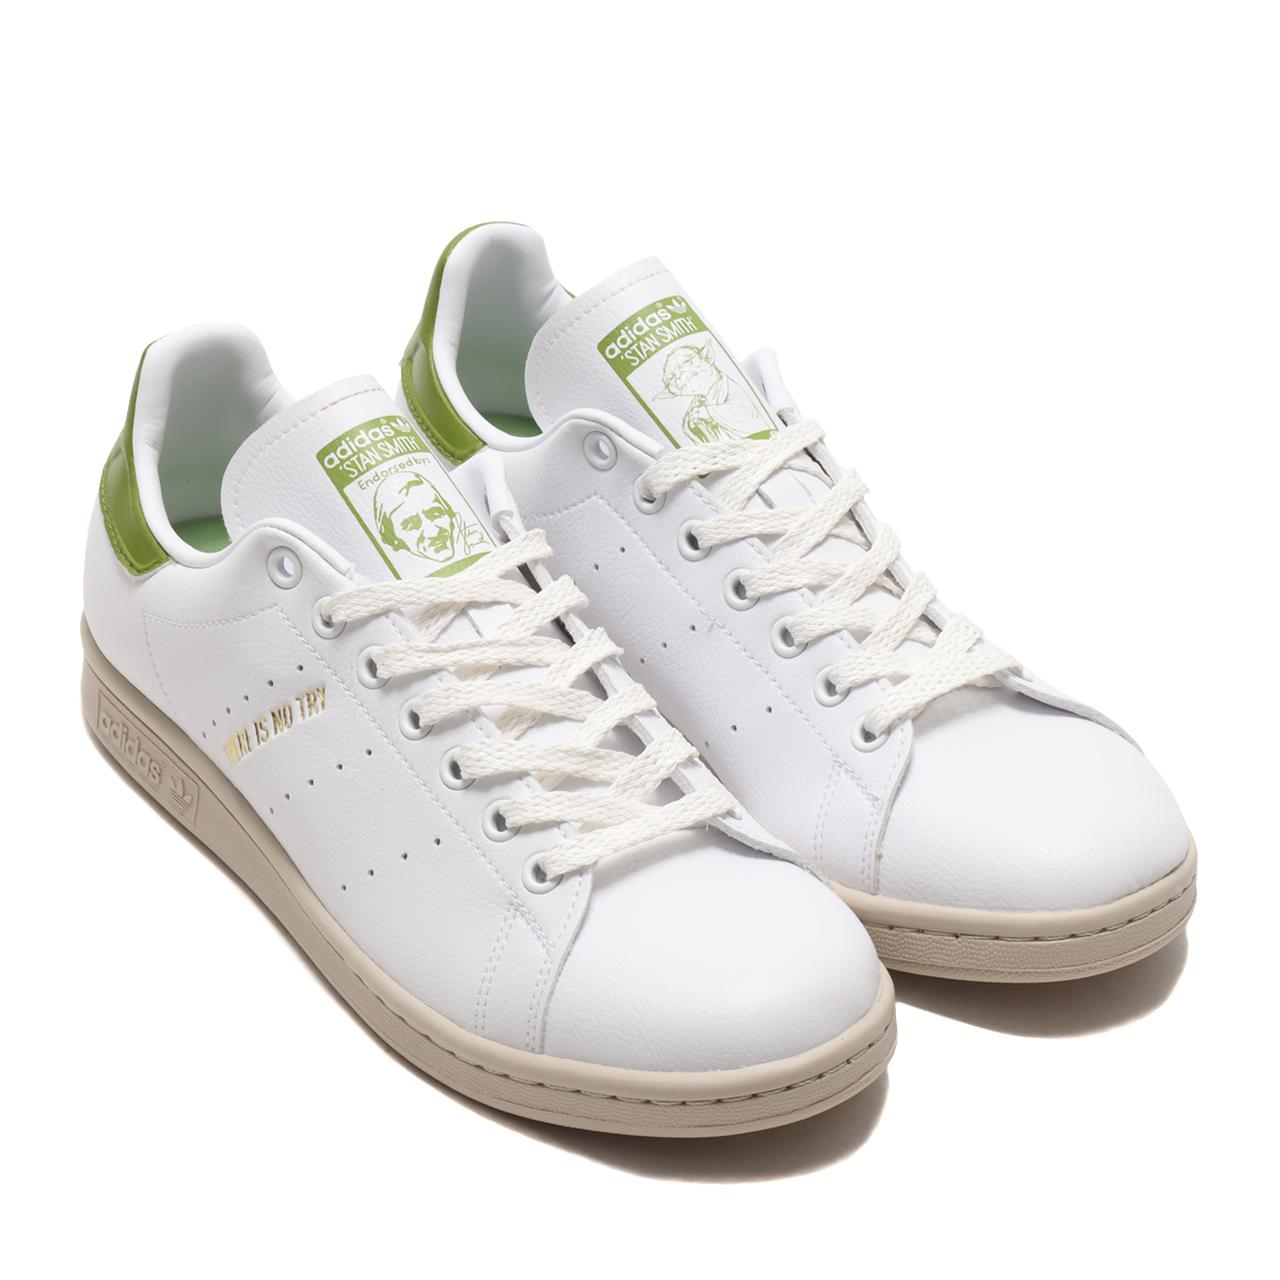 画像: 【adidas】STAN SMITH YODA FOOTWEAR ¥15,400 出典:atmos pink